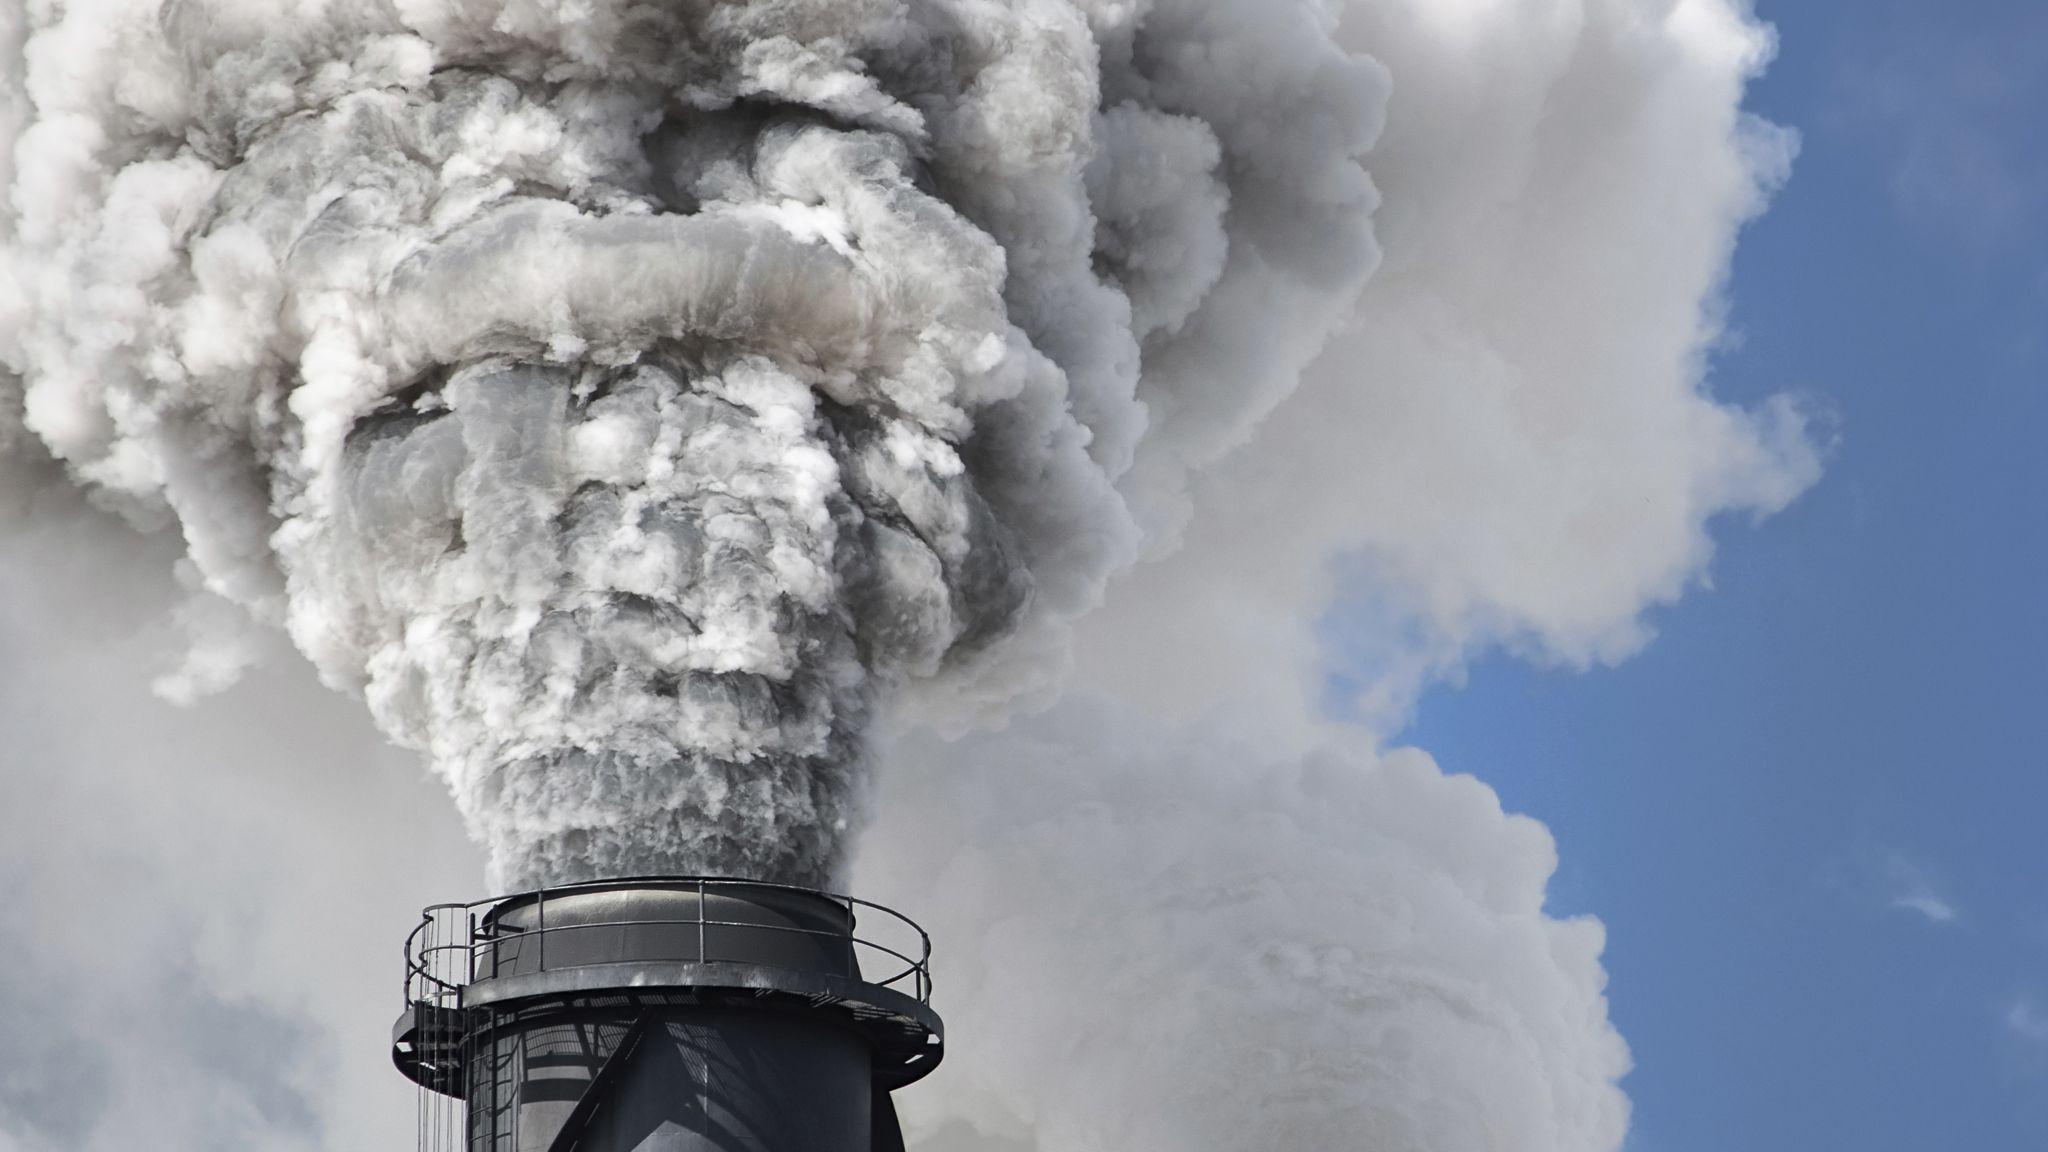 تغير المناخ العالمي وعلاقته بالميكروبات الممرضة